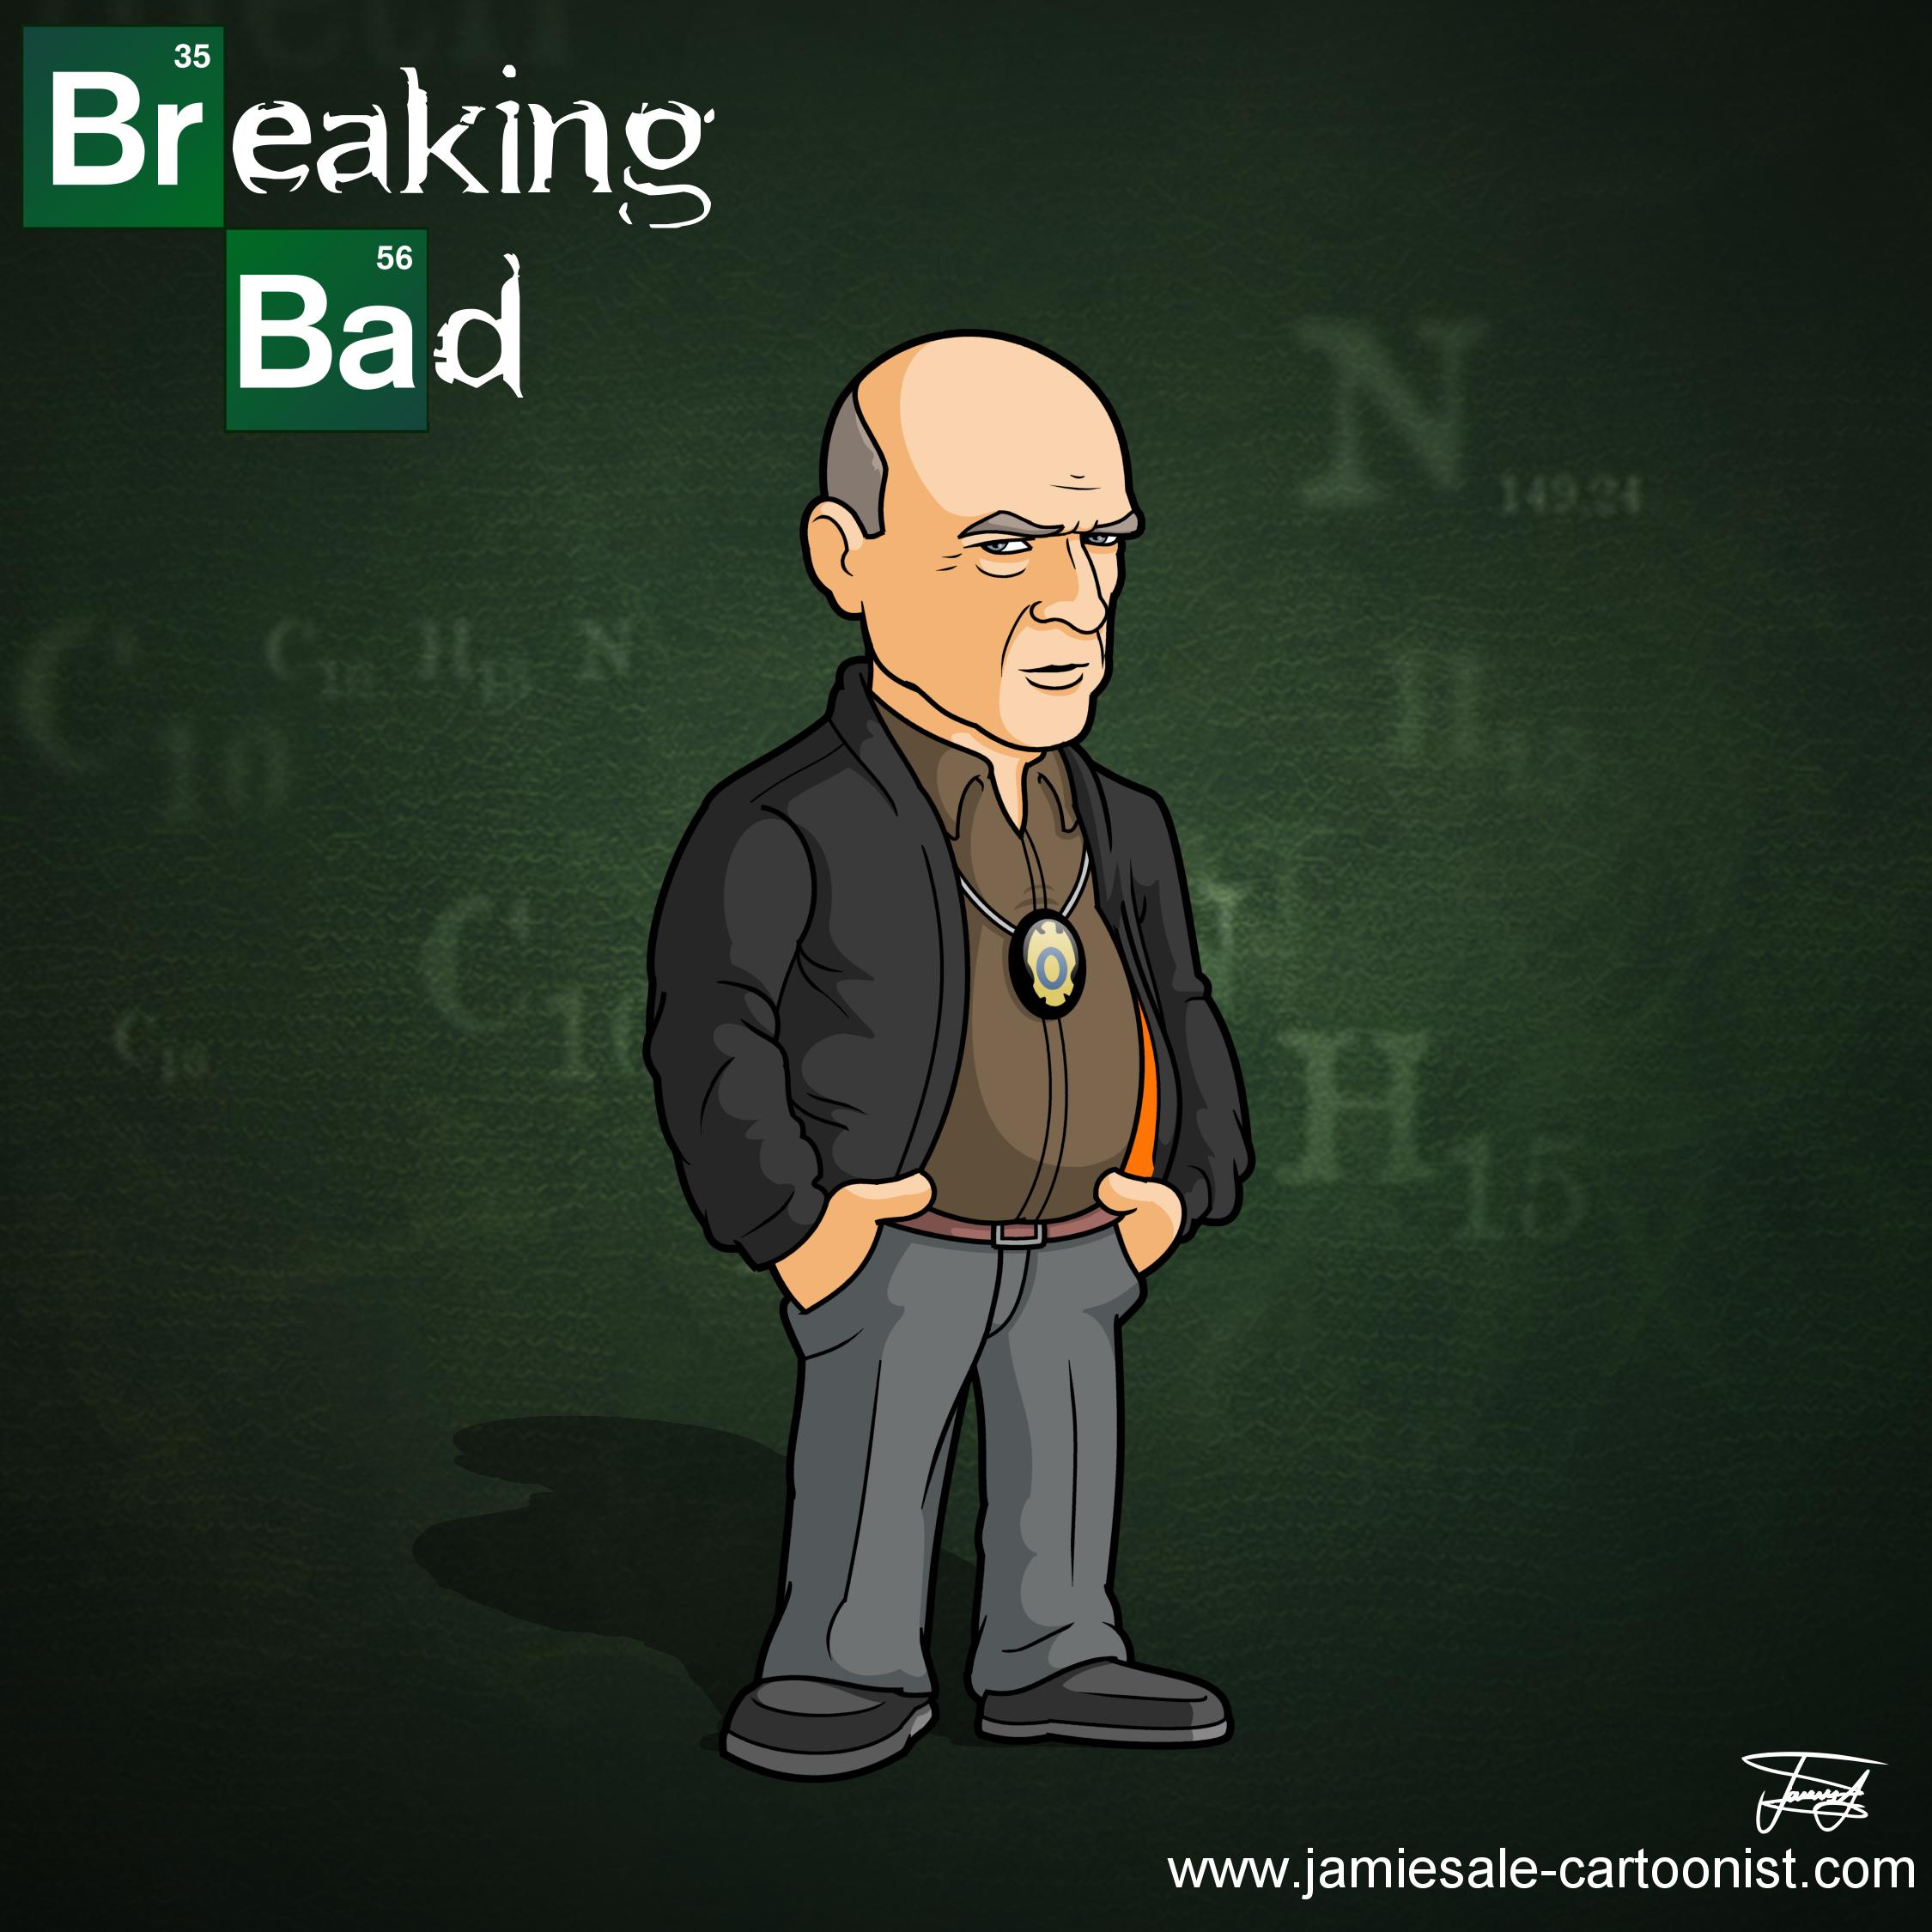 Hank Cartoon Character Bad Cartoon Characters